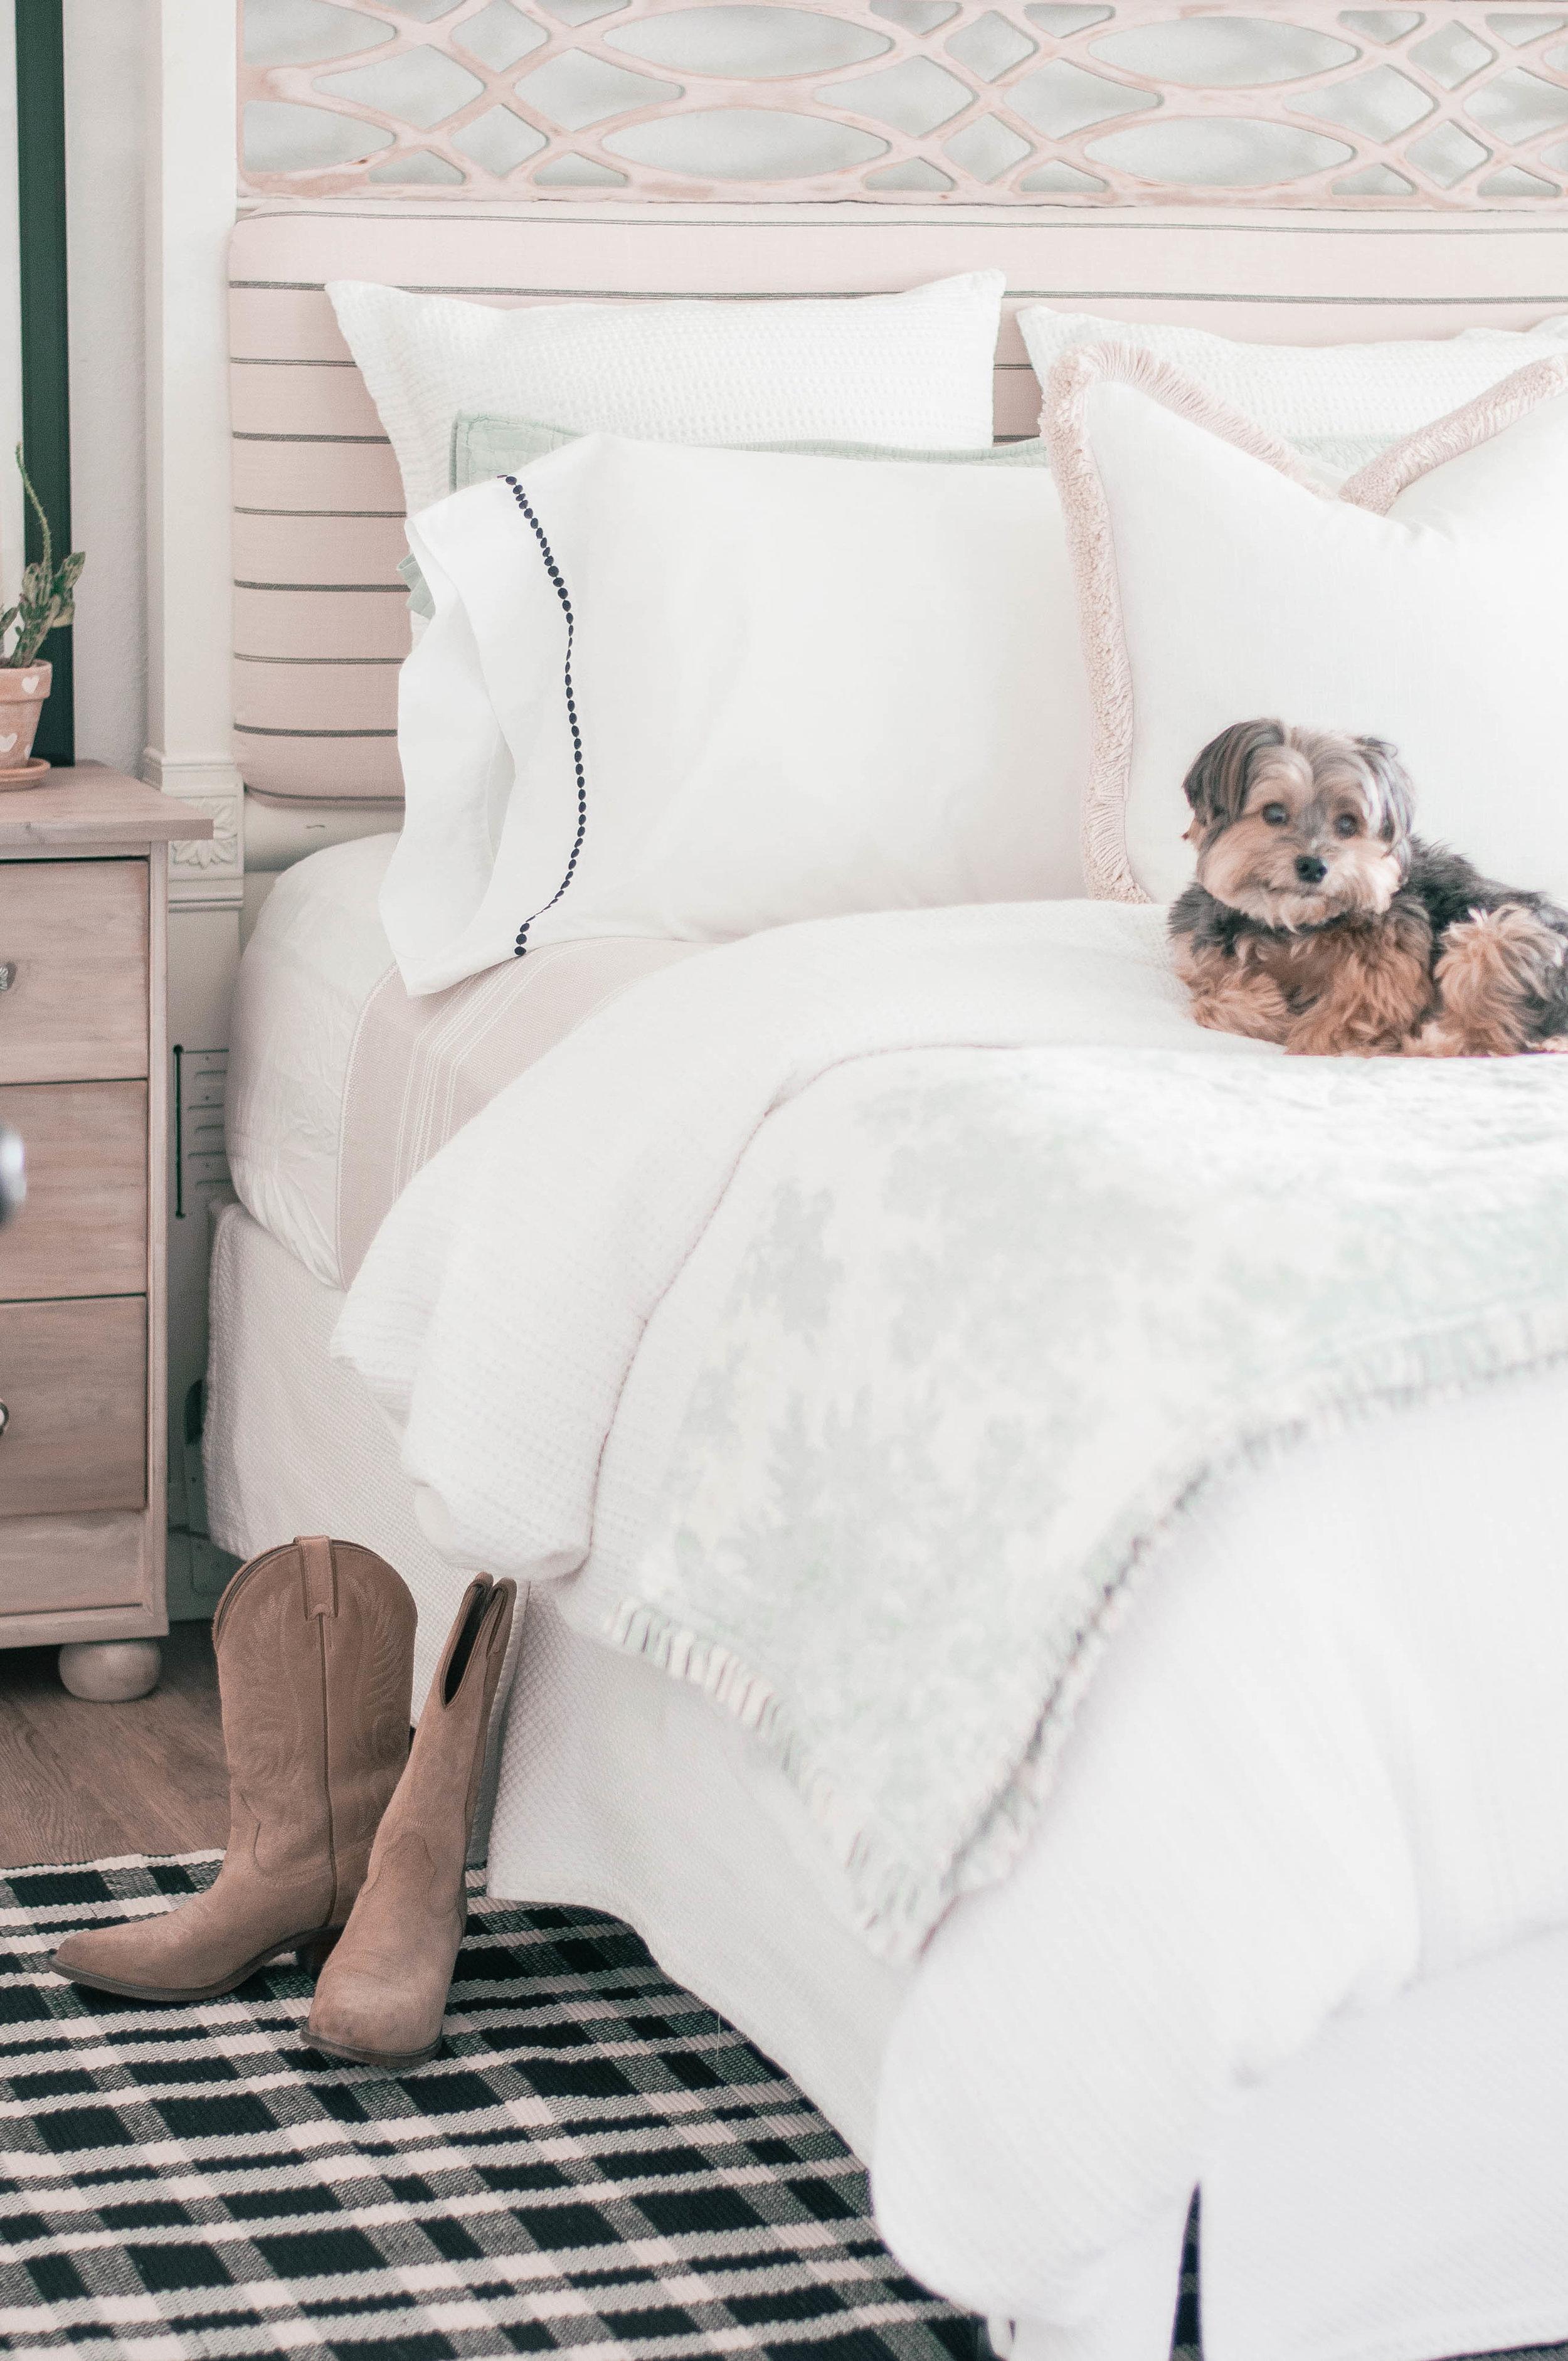 Master bedroom decor ideas